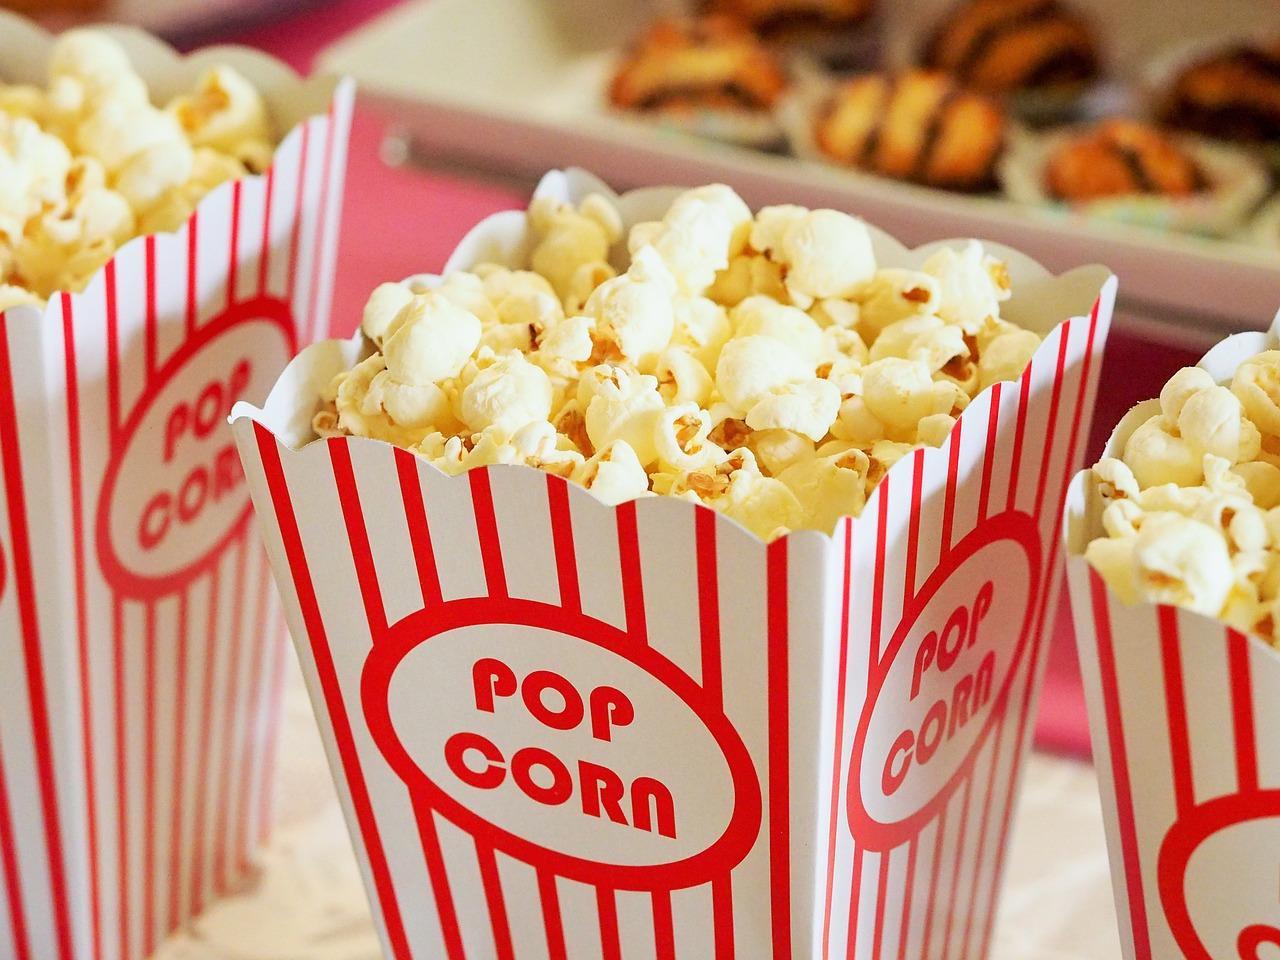 Gdzie legalnie oglądać filmy w internecie? Poznaj bezpieczne strony z filmami!